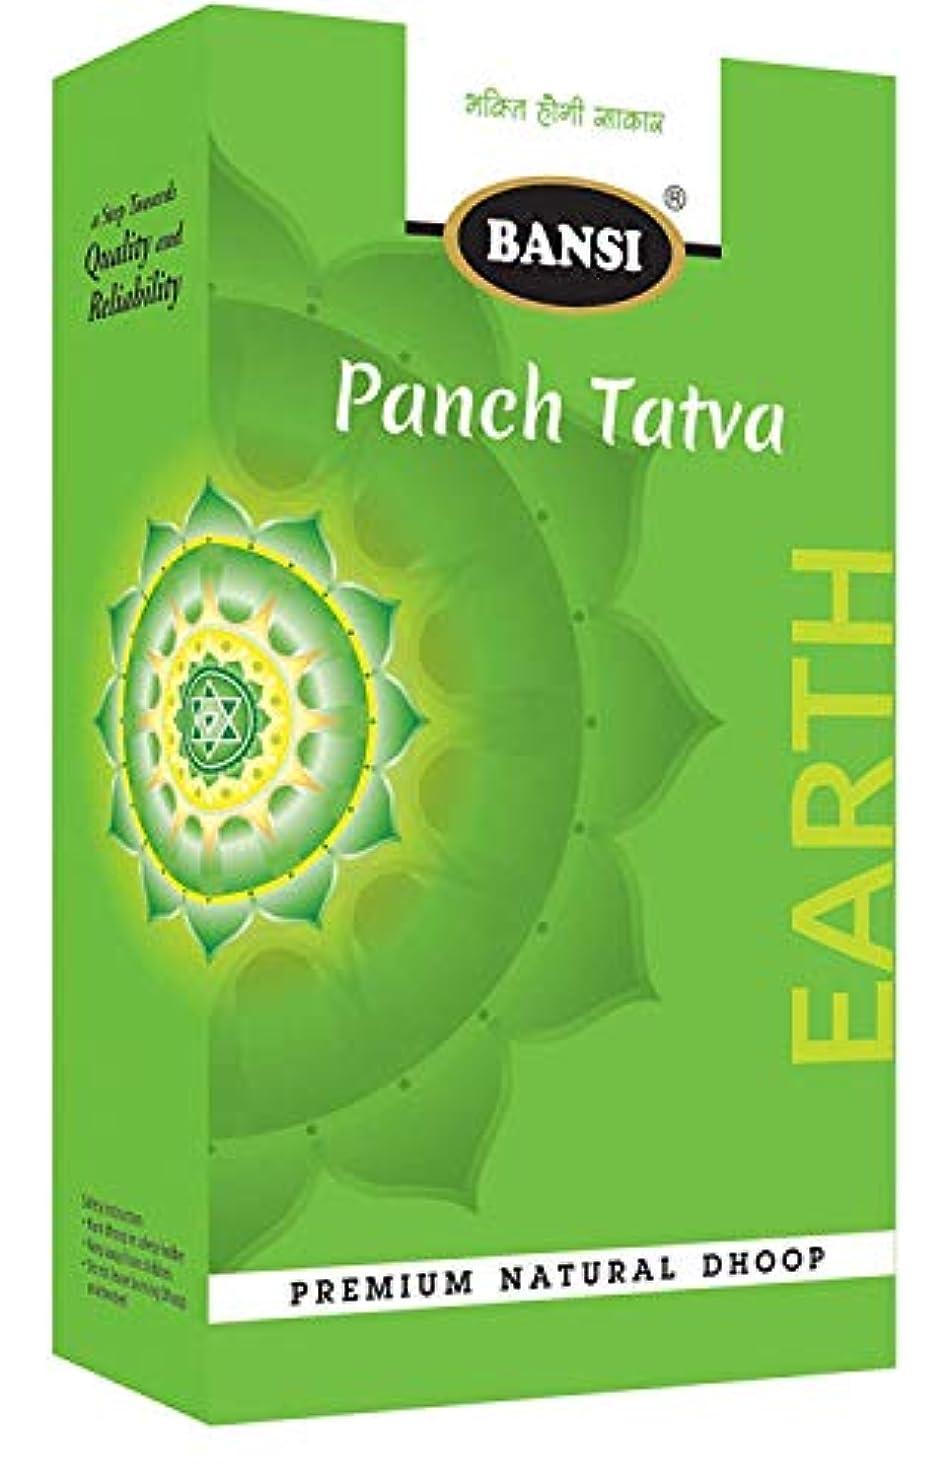 直径ハンディ振幅Bansi Panch Tatva Earth Premium Natural Dhoop Set of 4